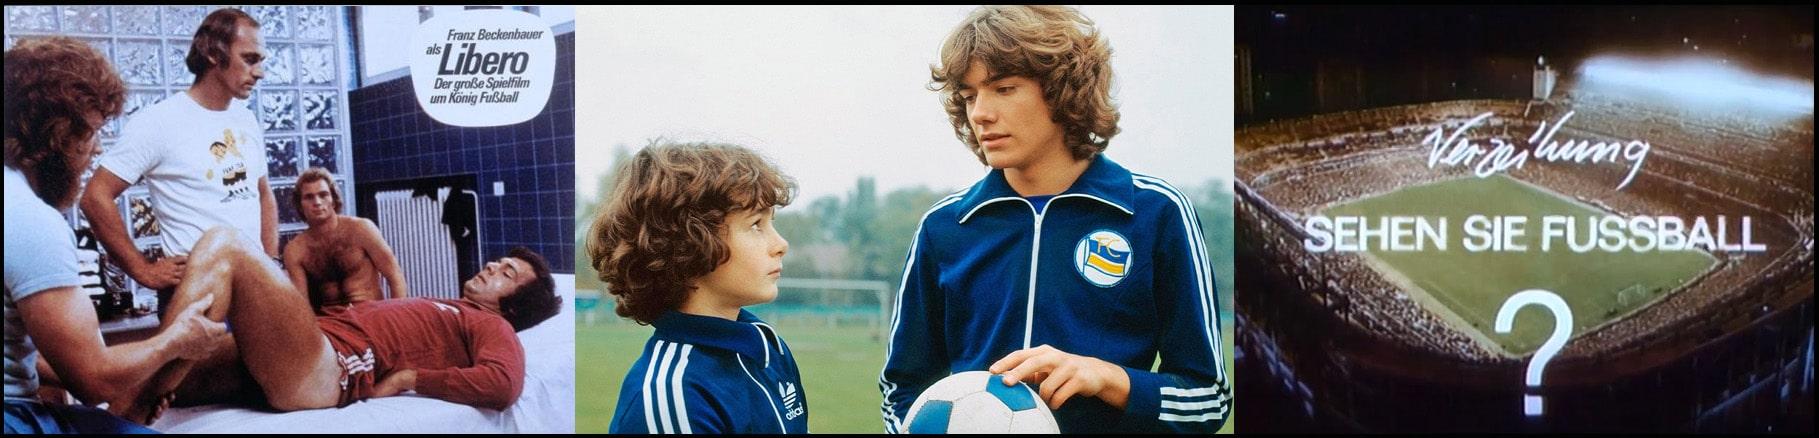 Fussballfilm Deutschland